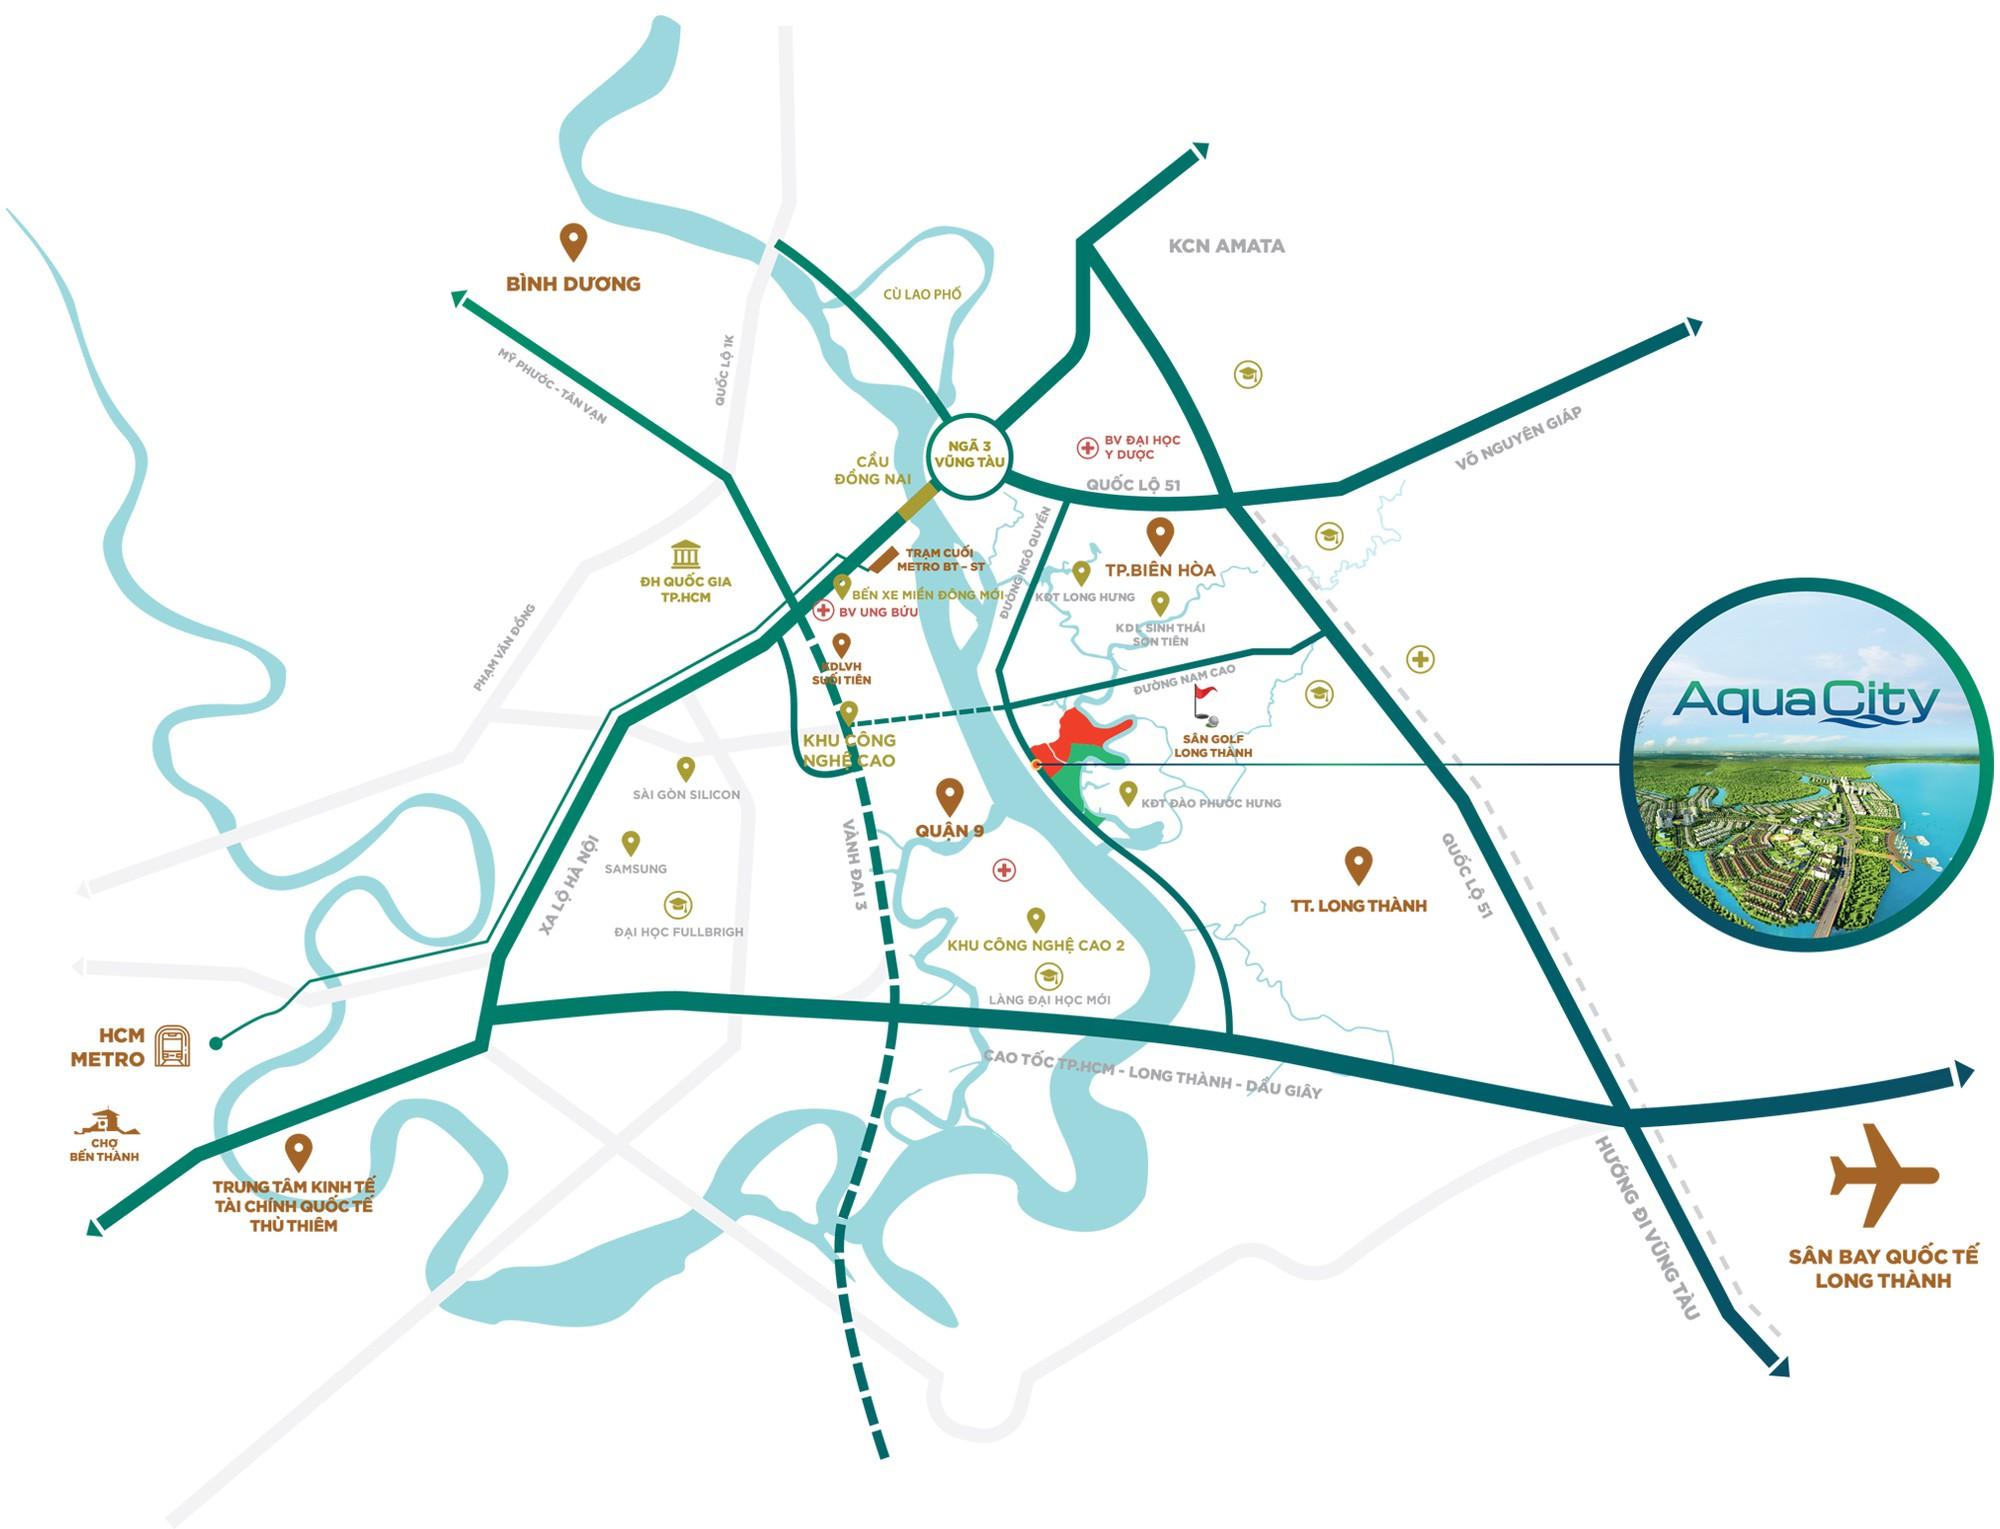 Dấu ấn dự án mới của Novaland tại Đồng Nai: Thiên nhiên và công nghệ cộng hưởng, kiến tạo không gian sống xanh bền vững cho cư dân - Ảnh 10.